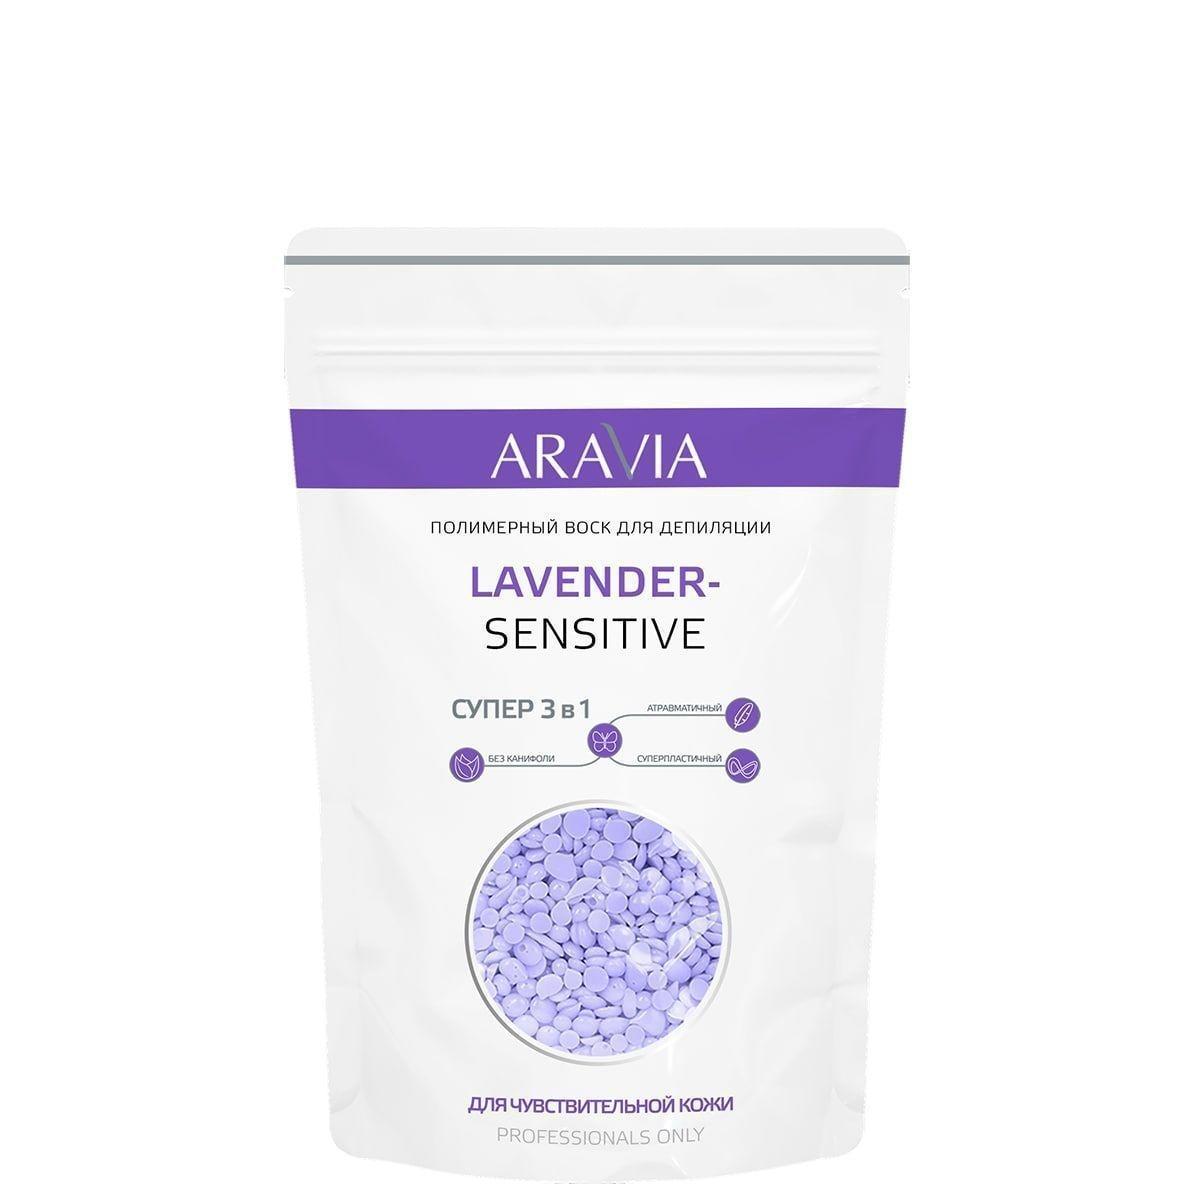 ARAVIA Полимерный Воск для Депиляции Lavender-Sensitive Чувствительной Кожи, 1000г